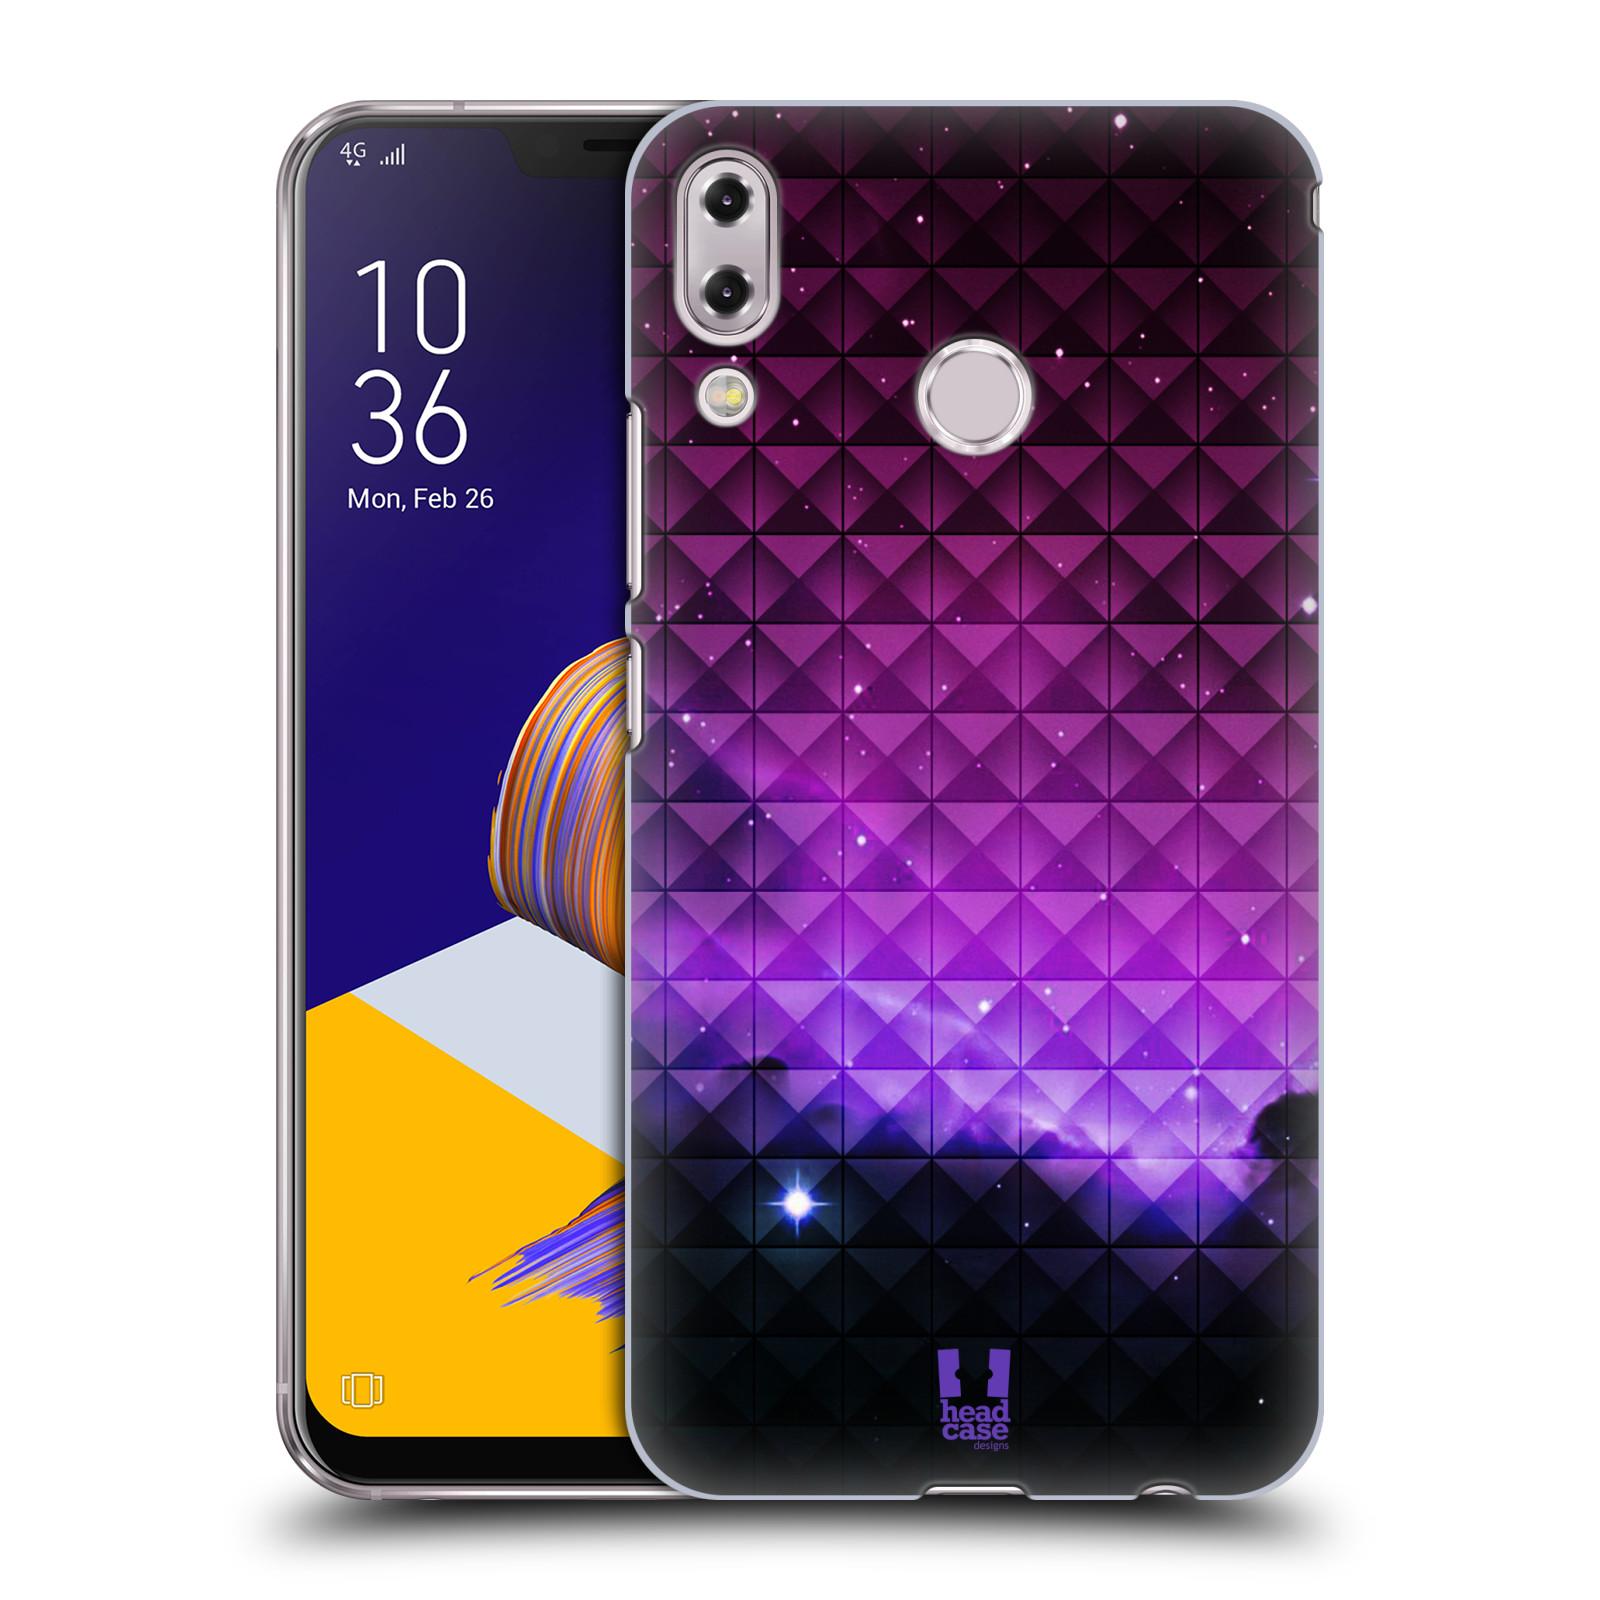 Plastové pouzdro na mobil Asus Zenfone 5z ZS620KL - Head Case - PURPLE HAZE (Plastový kryt či obal na mobilní telefon Asus Zenfone 5z (ZS620KL) s motivem PURPLE HAZE)